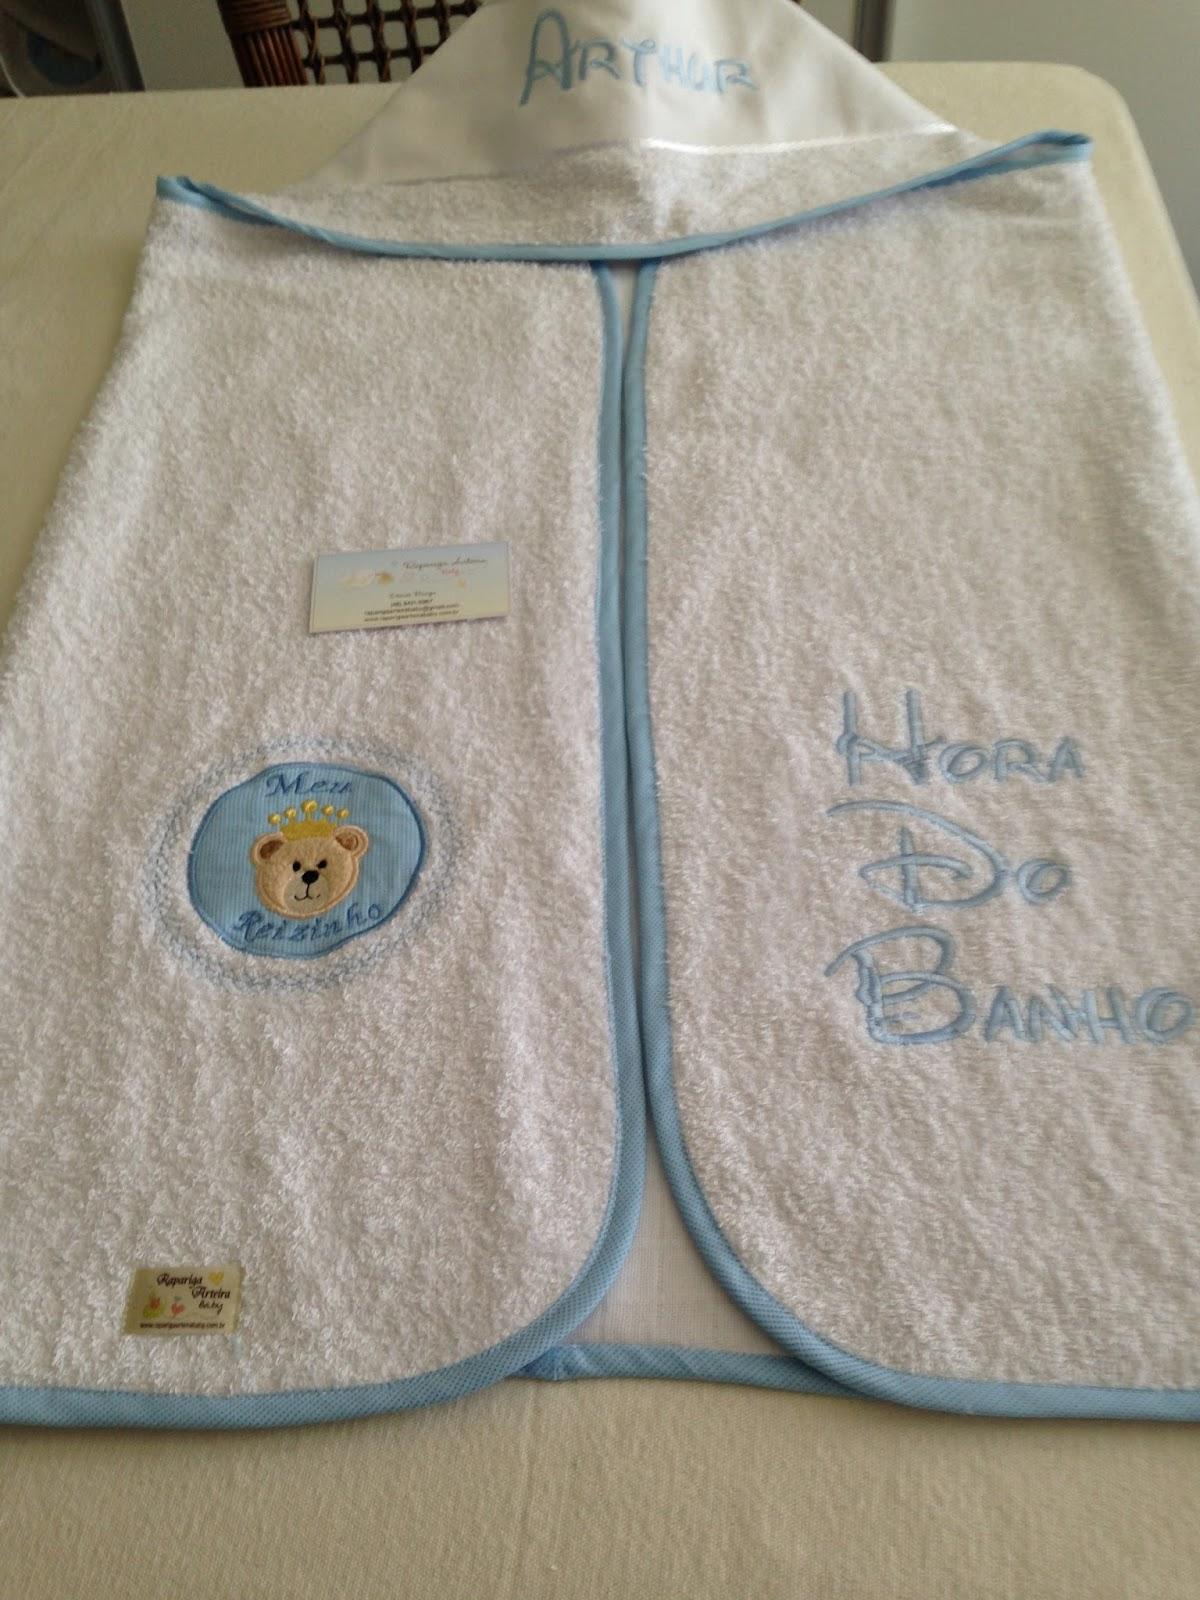 Rapariga Arteira Baby  Toalha de banho com capuz para bebe 326074cd7fb